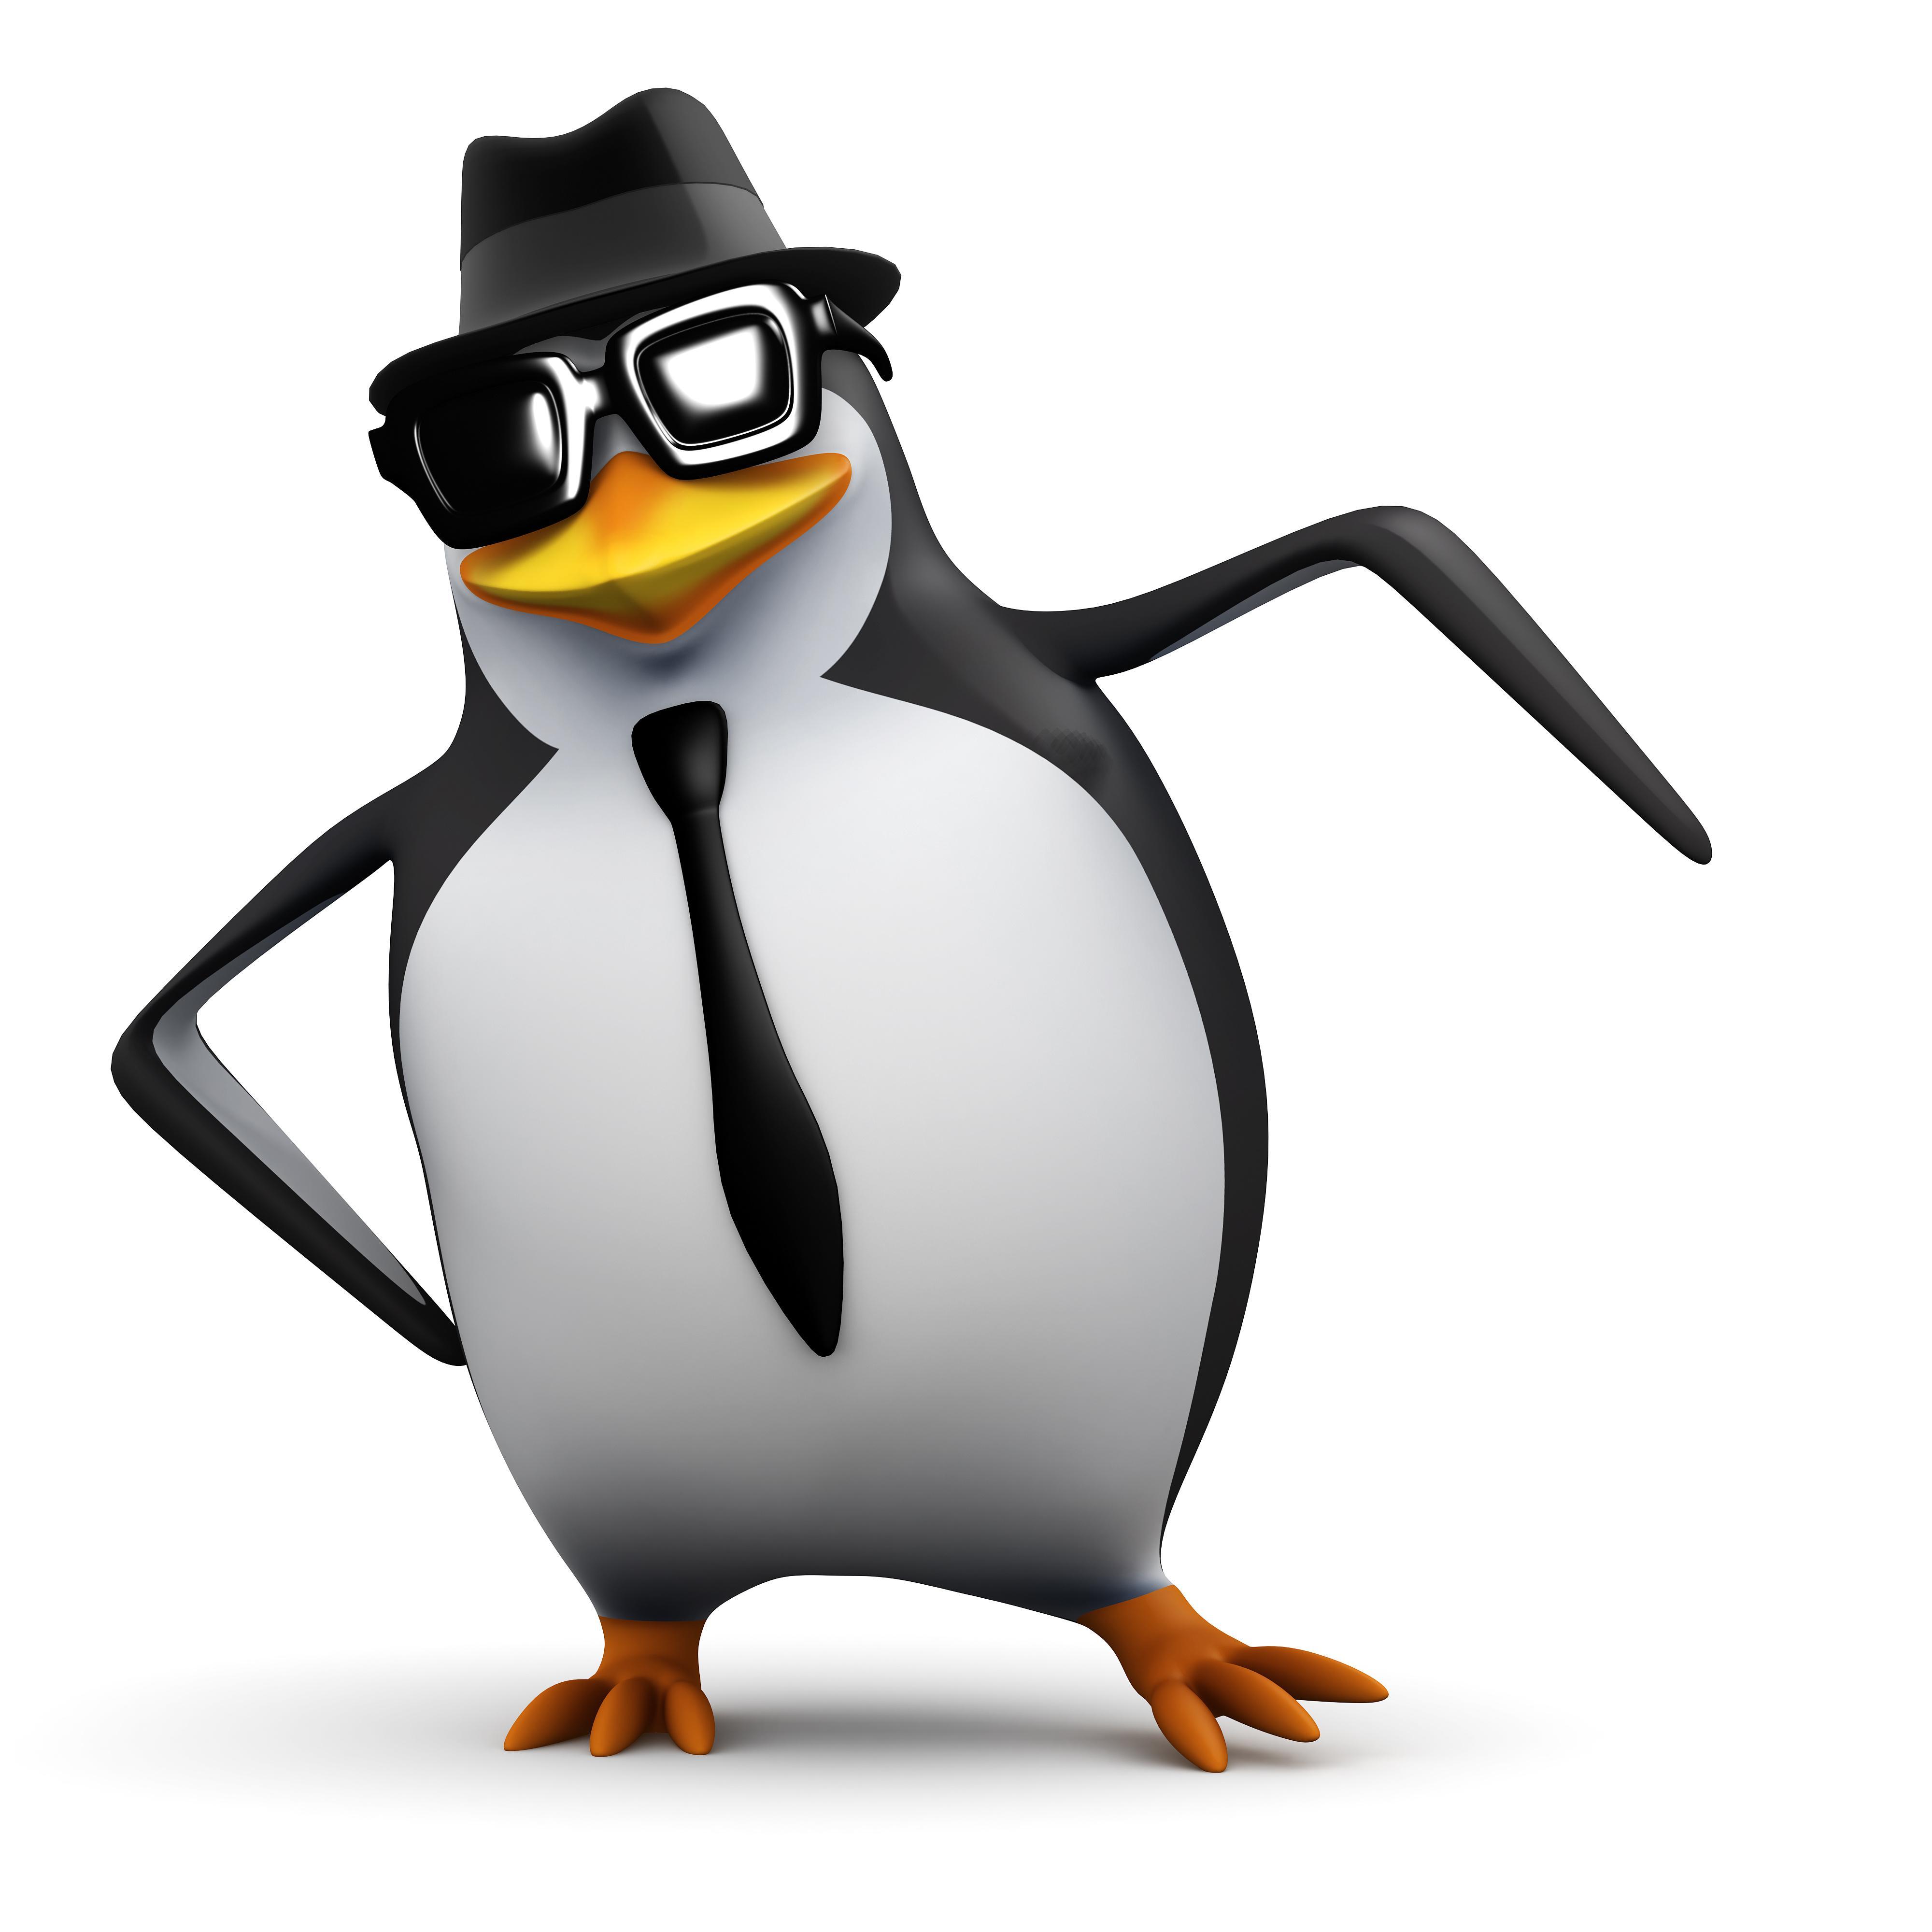 пингвин с галстуком в очкахе, фото, обои для рабочего стола, клипарт